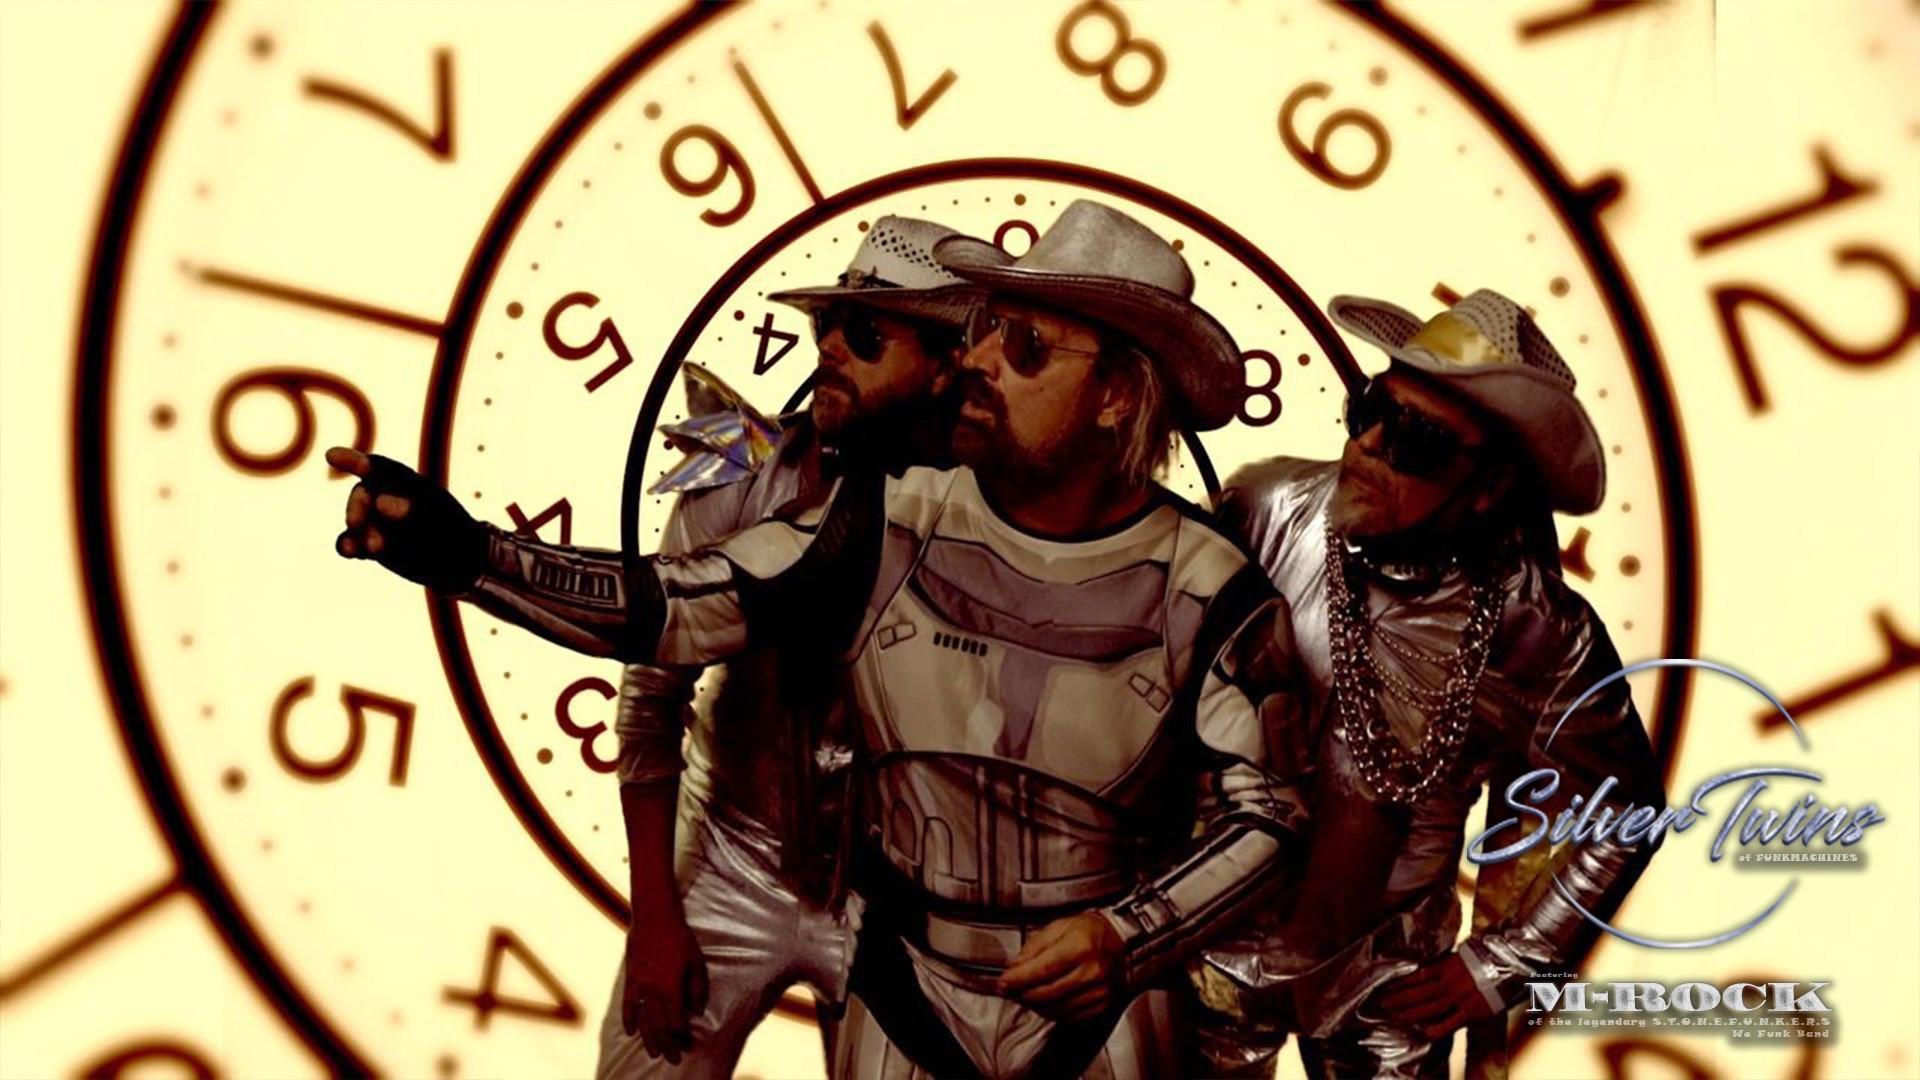 Time SilverTwins of funk alla stor klock